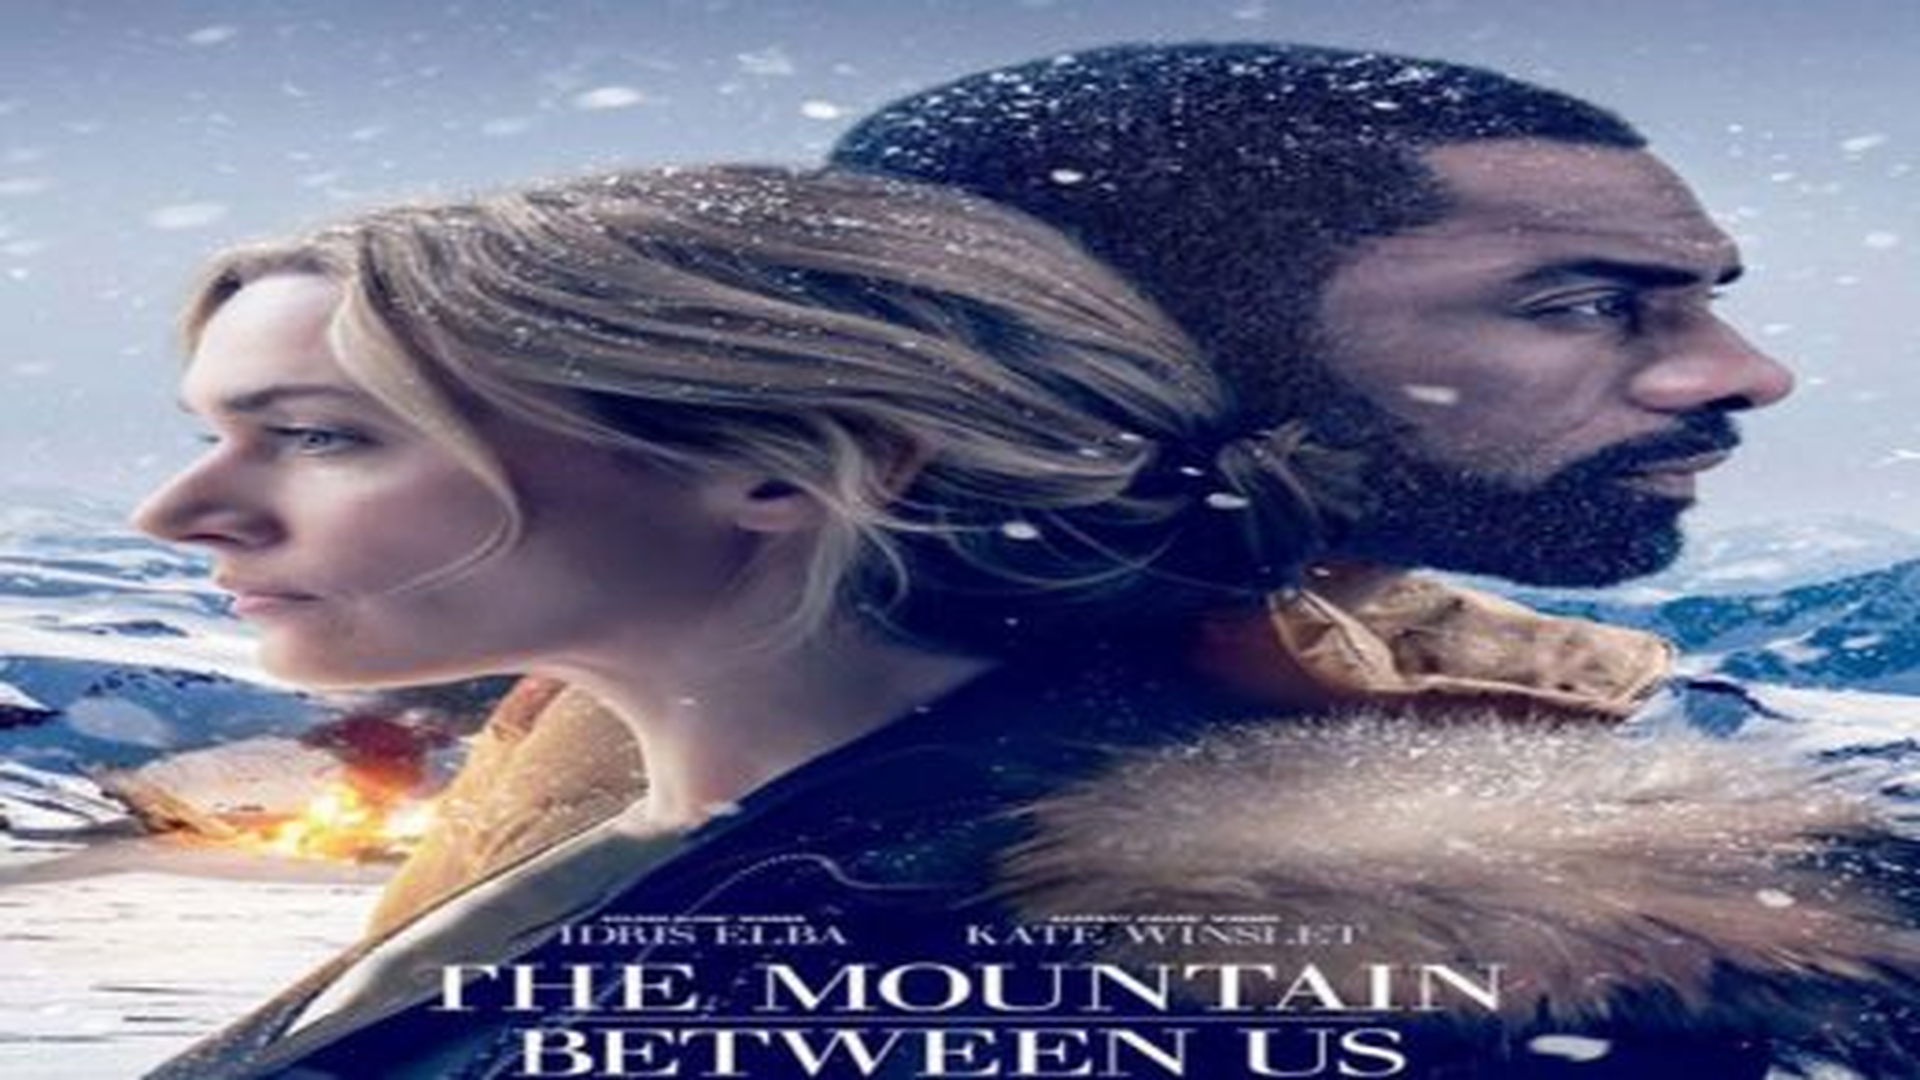 تریلر فیلم اکشن و زیبای کوه بین ما | فیلم